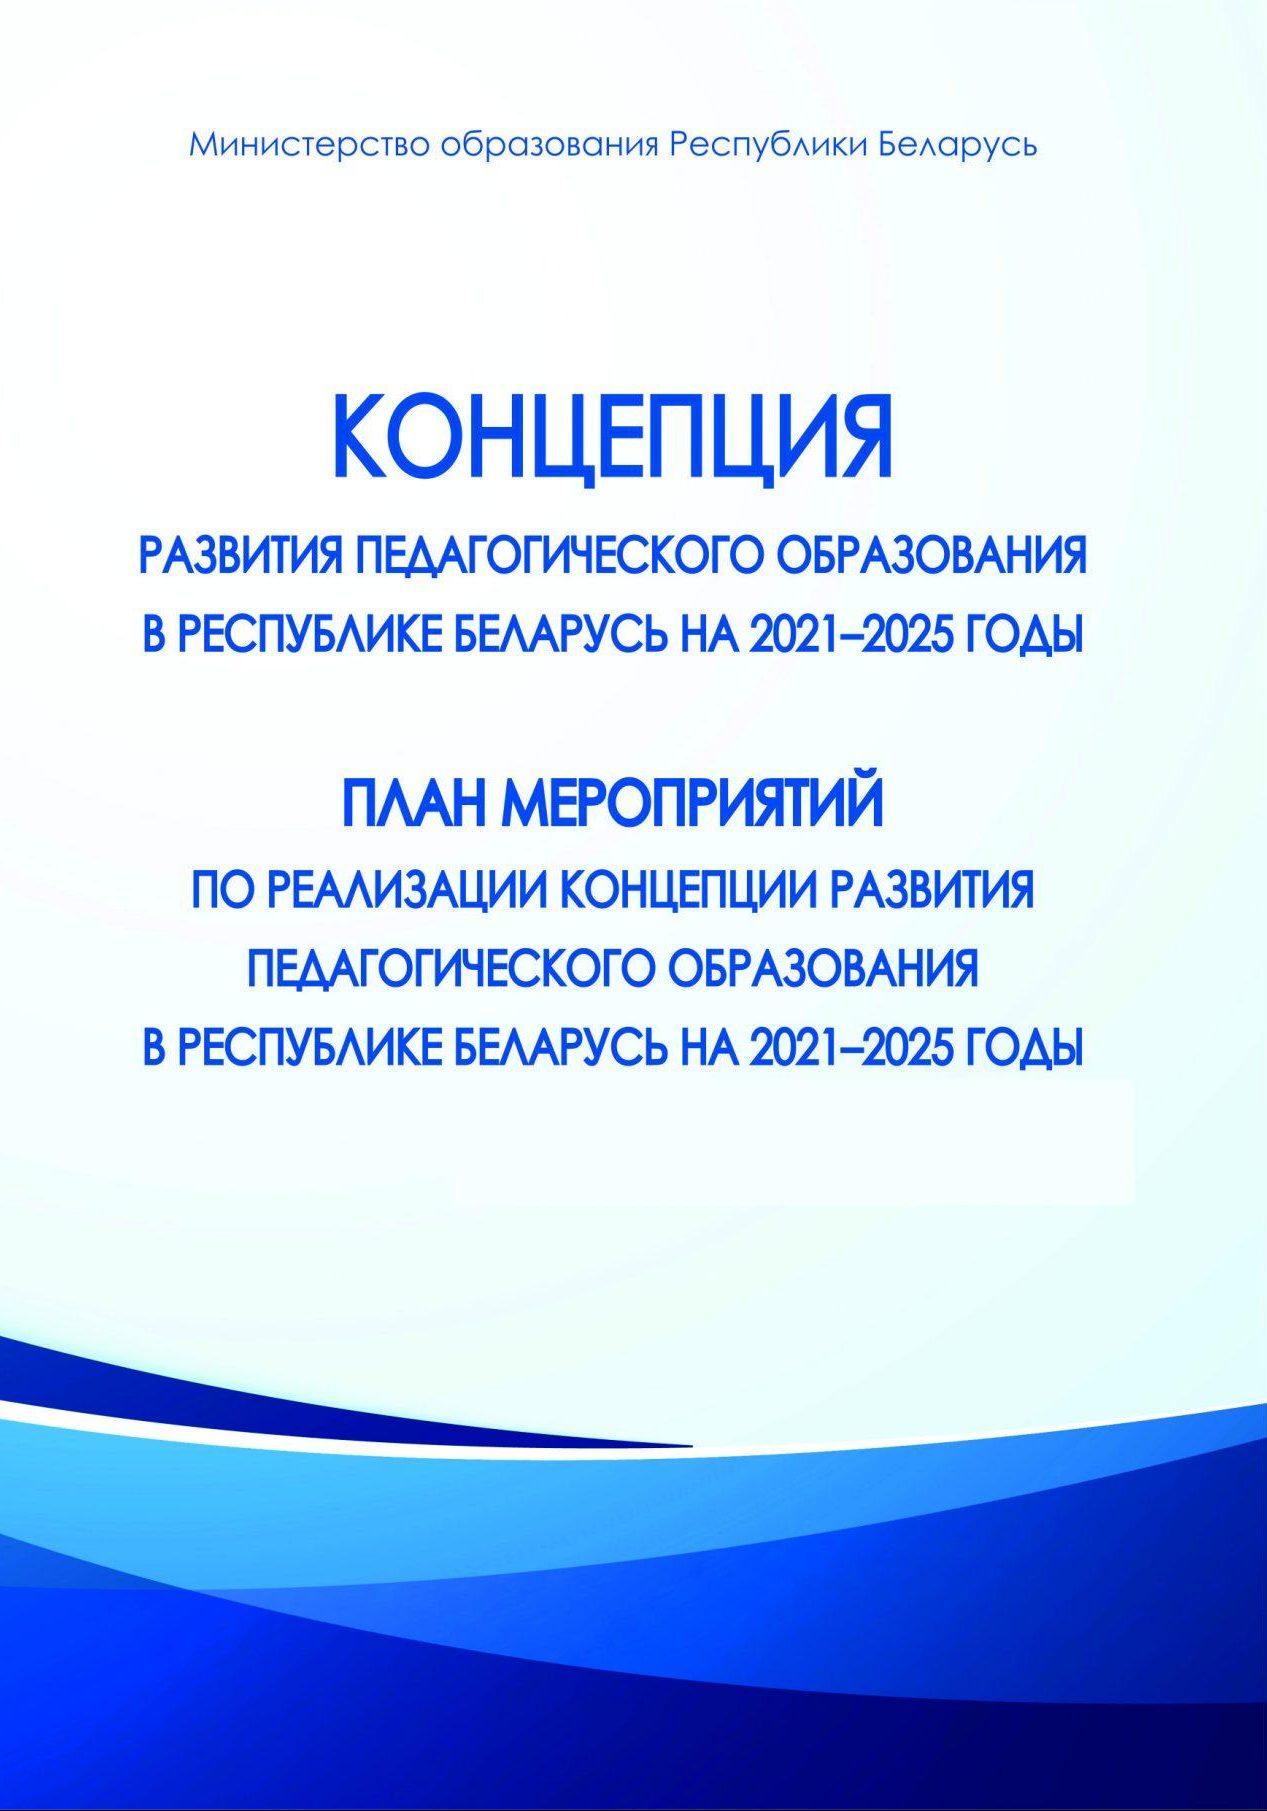 КОНЦЕПЦИЯ РАЗВИТИЯ ПЕДАГОГИЧЕСКОГО ОБРАЗОВАНИЯ В РЕСПУБЛИКЕ БЕЛАРУСЬ на 2021-2025 годы